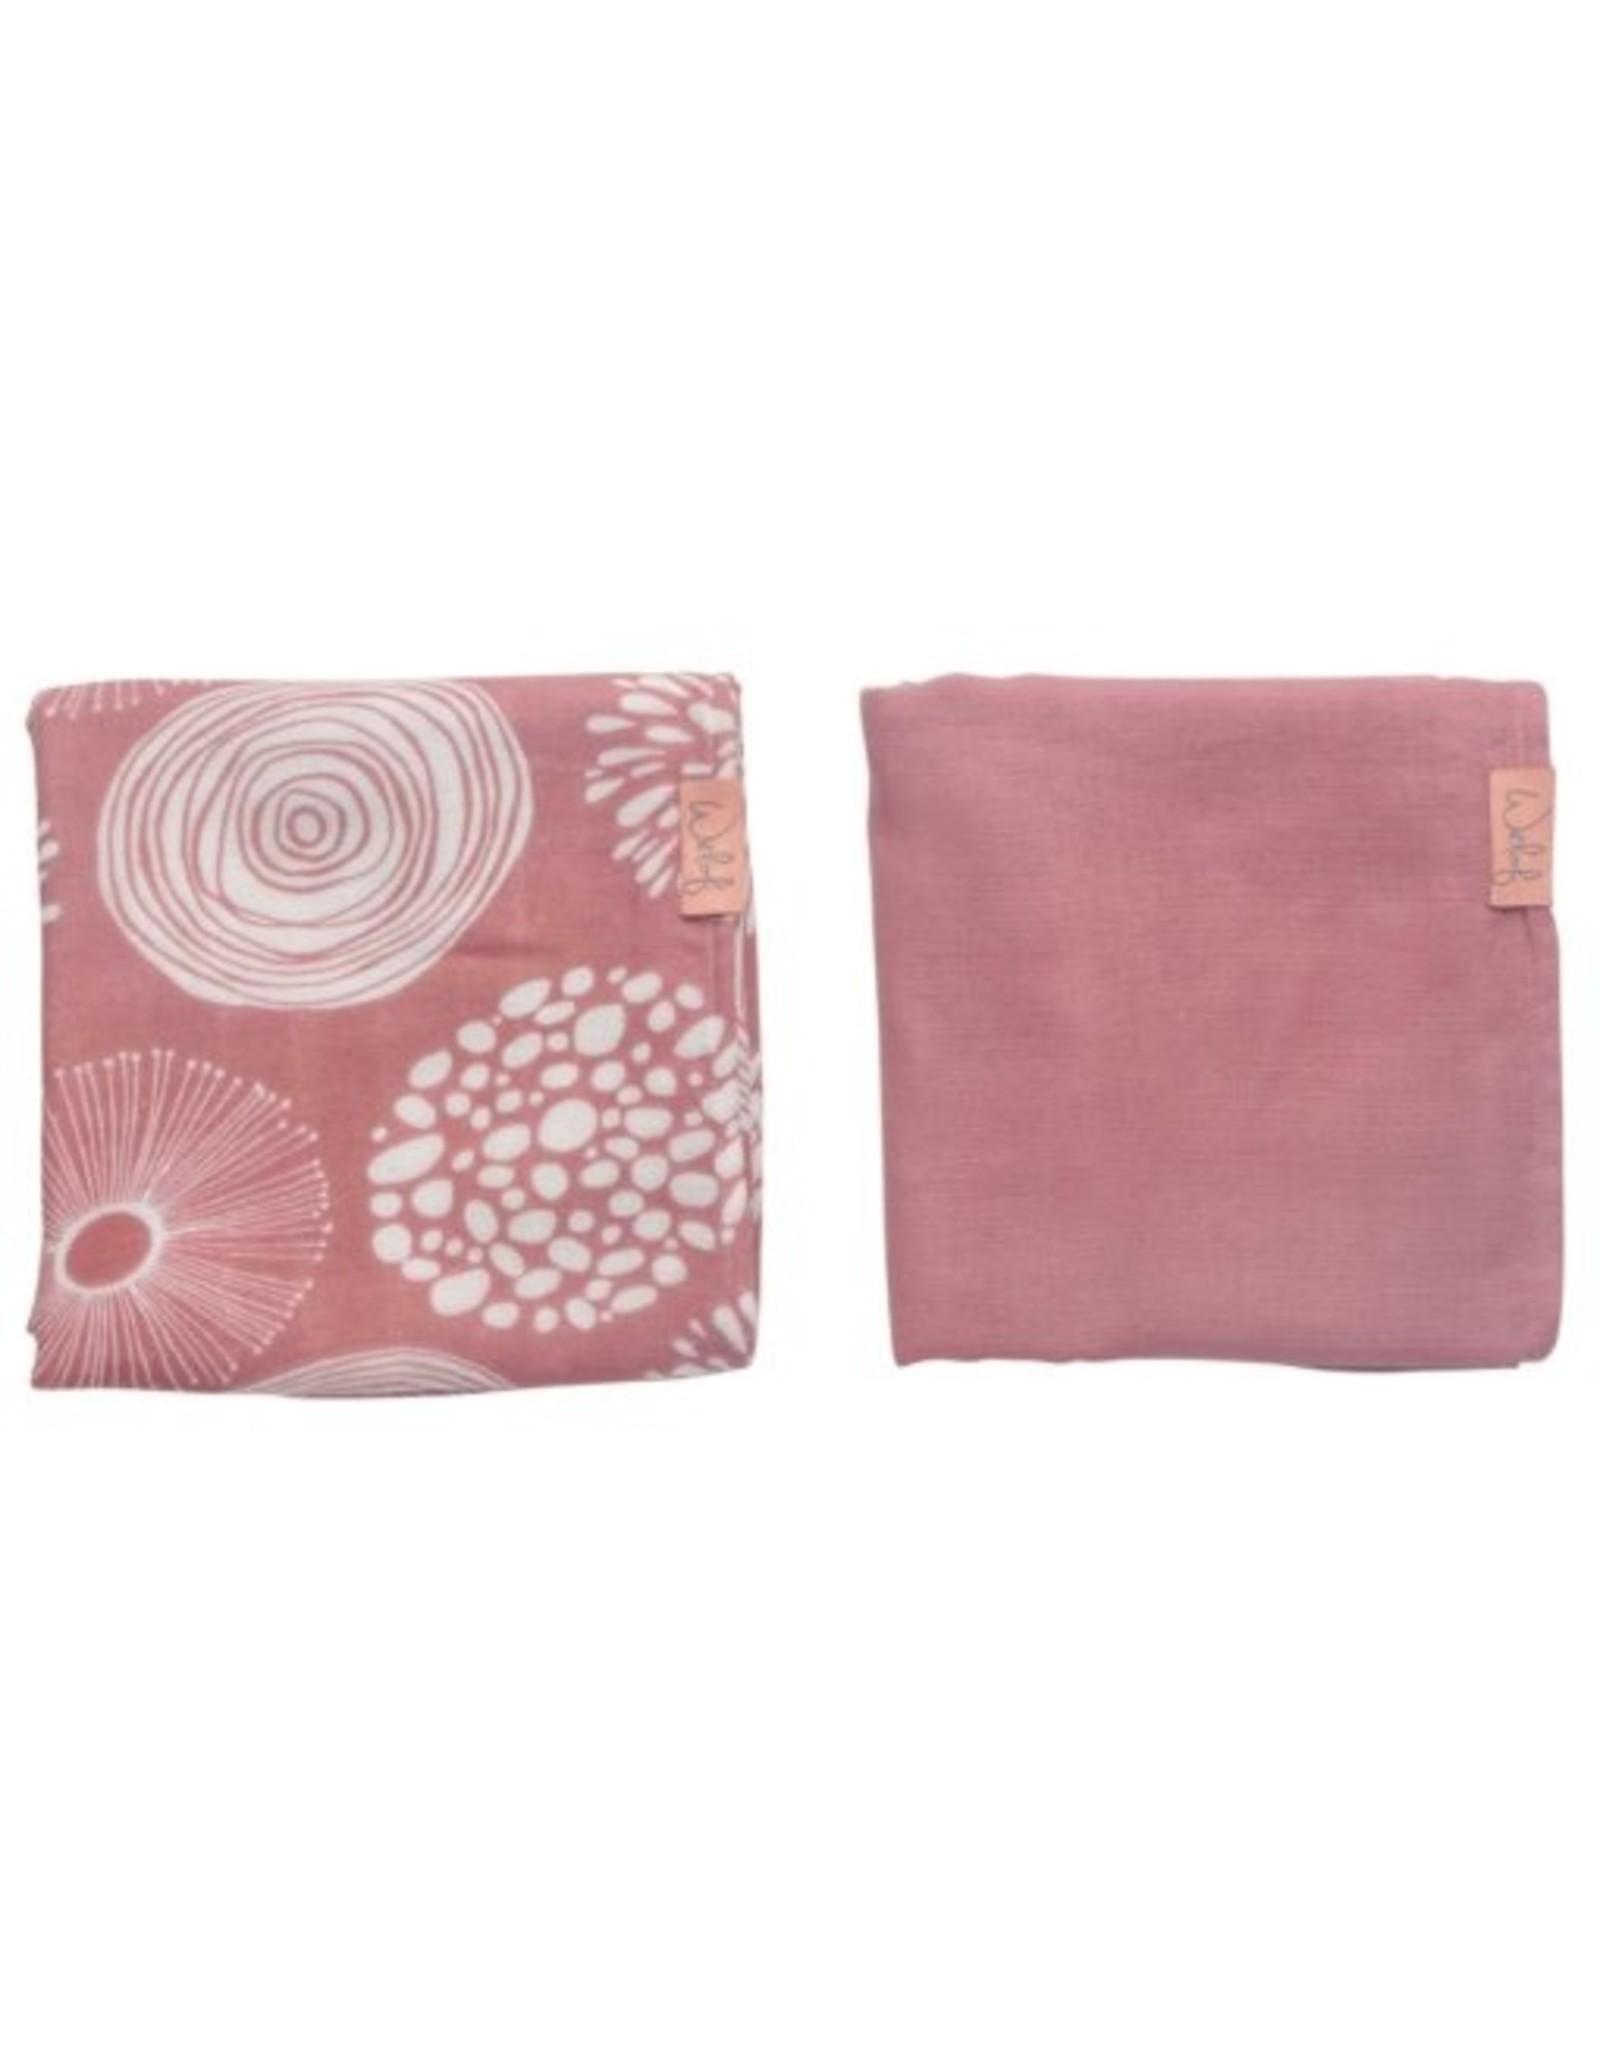 Witlof for Kids Witlof for Kids Swaddle / Hydrofiele doek 2 Pack  Sparkle Rose